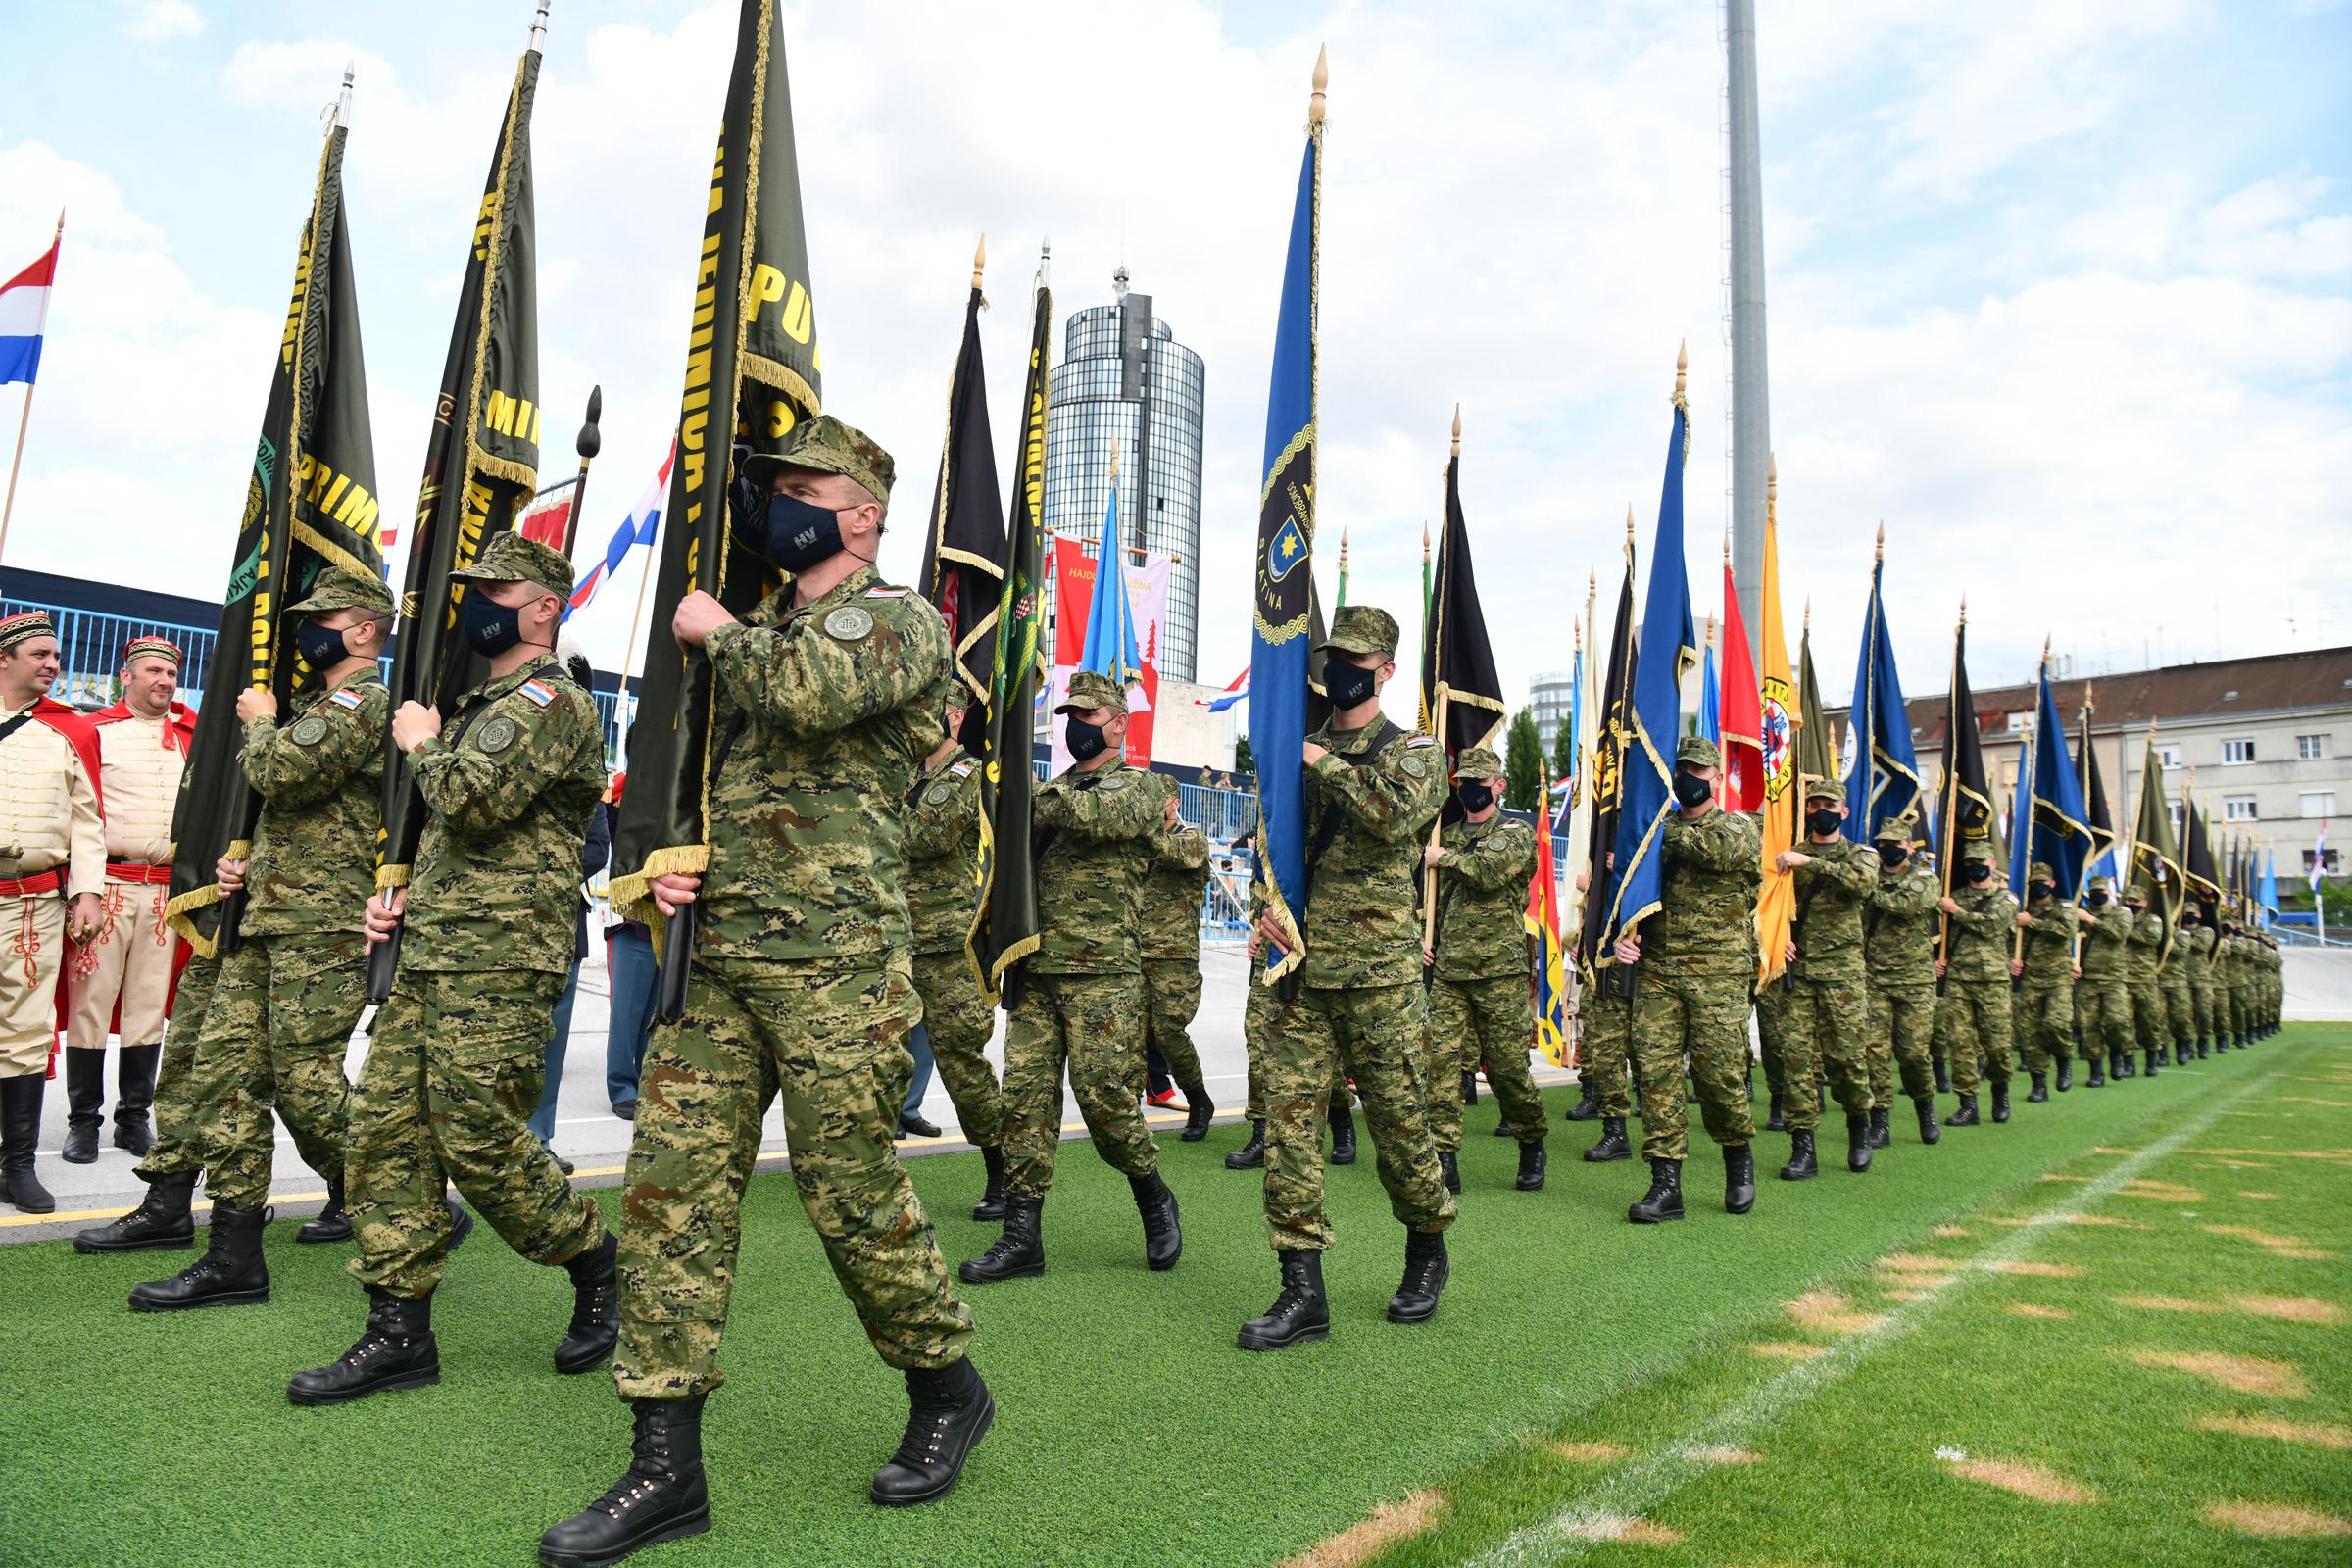 Obilježen Dan HV, Dan HKoV i 30. obljetnica ustrojavanja Hrvatske vojske